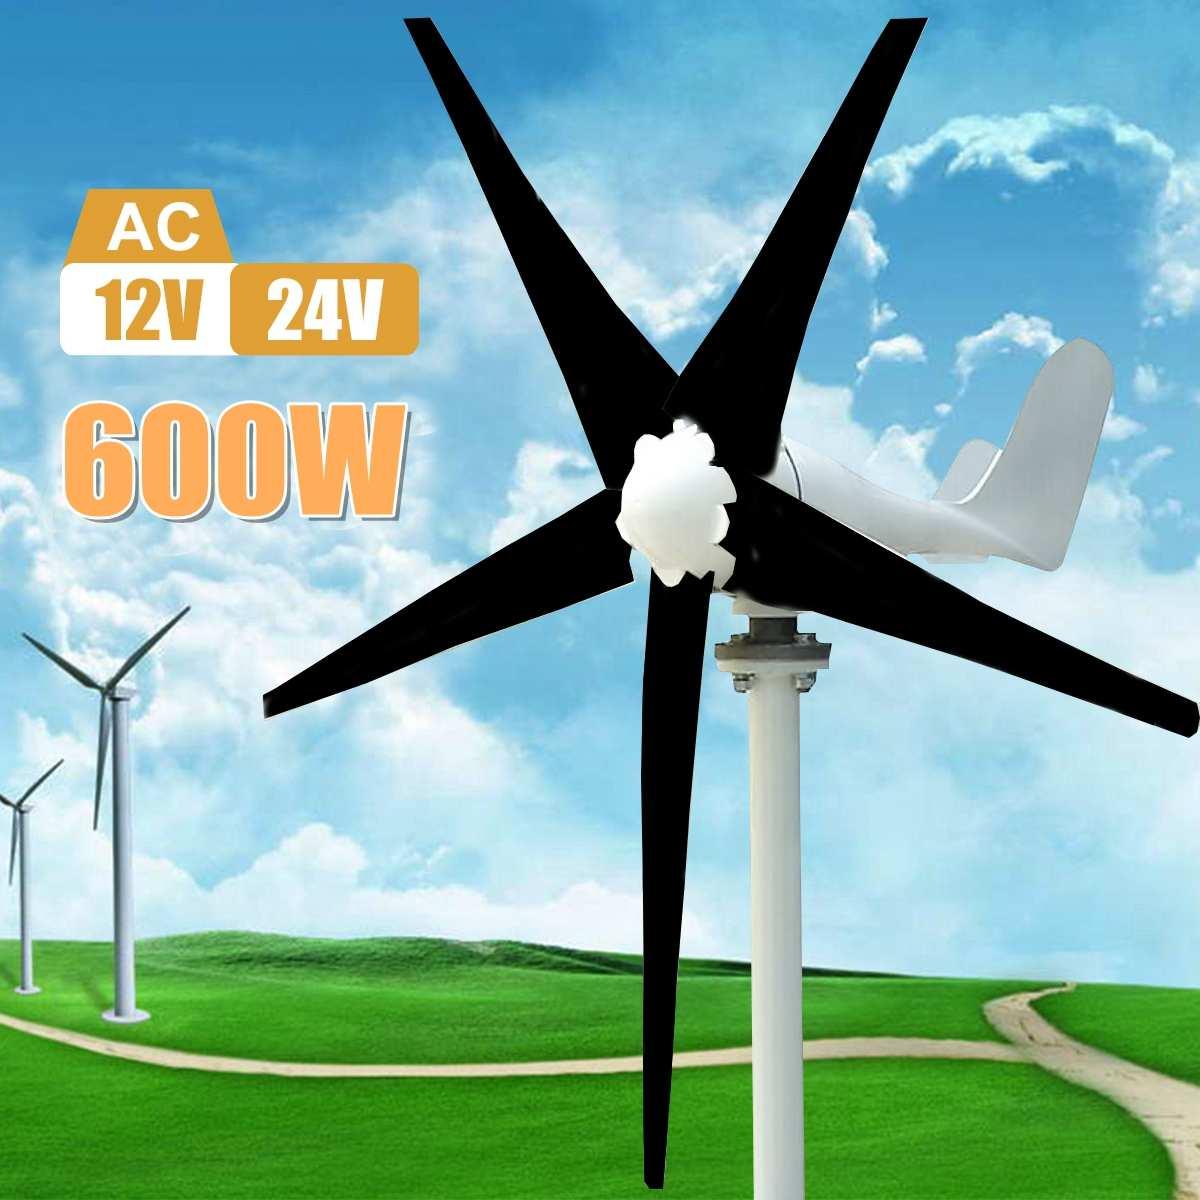 Max 600 Вт ветряной генератор AC 12 В/24 В 5 лезвий питание генератор для дома Гибридный уличного света Применение наборы